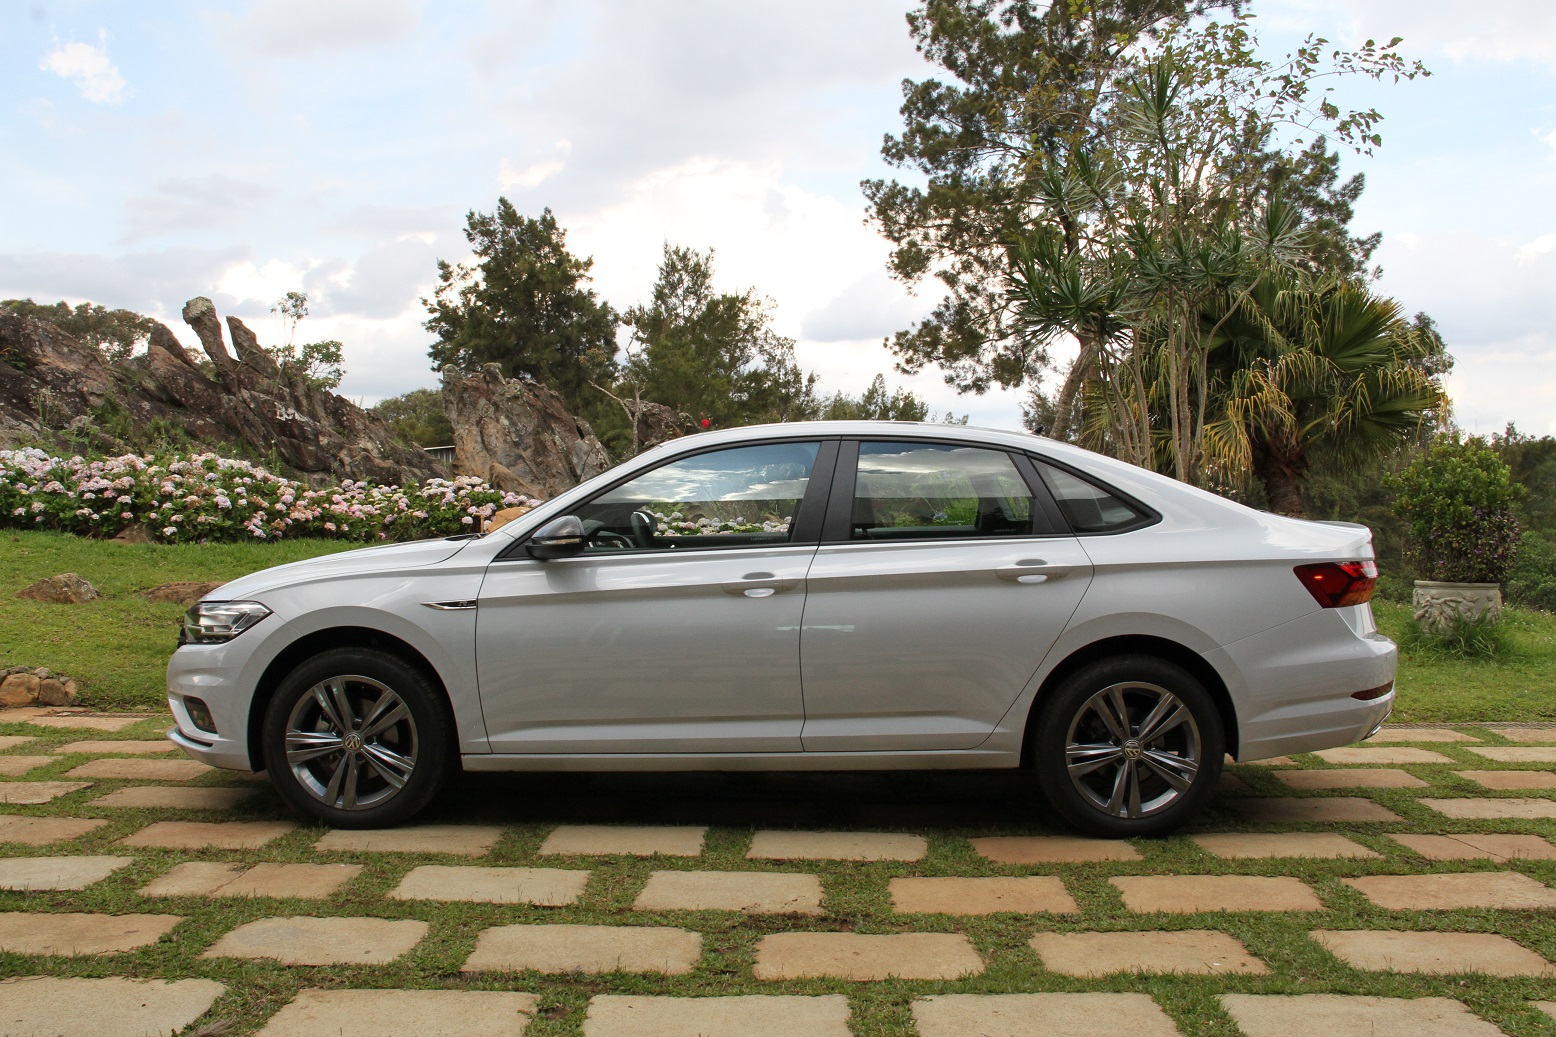 Nova geração do Volkswagen Jetta ganhou equipamentos e espaço, mas perdeu a suspensão traseira multilink